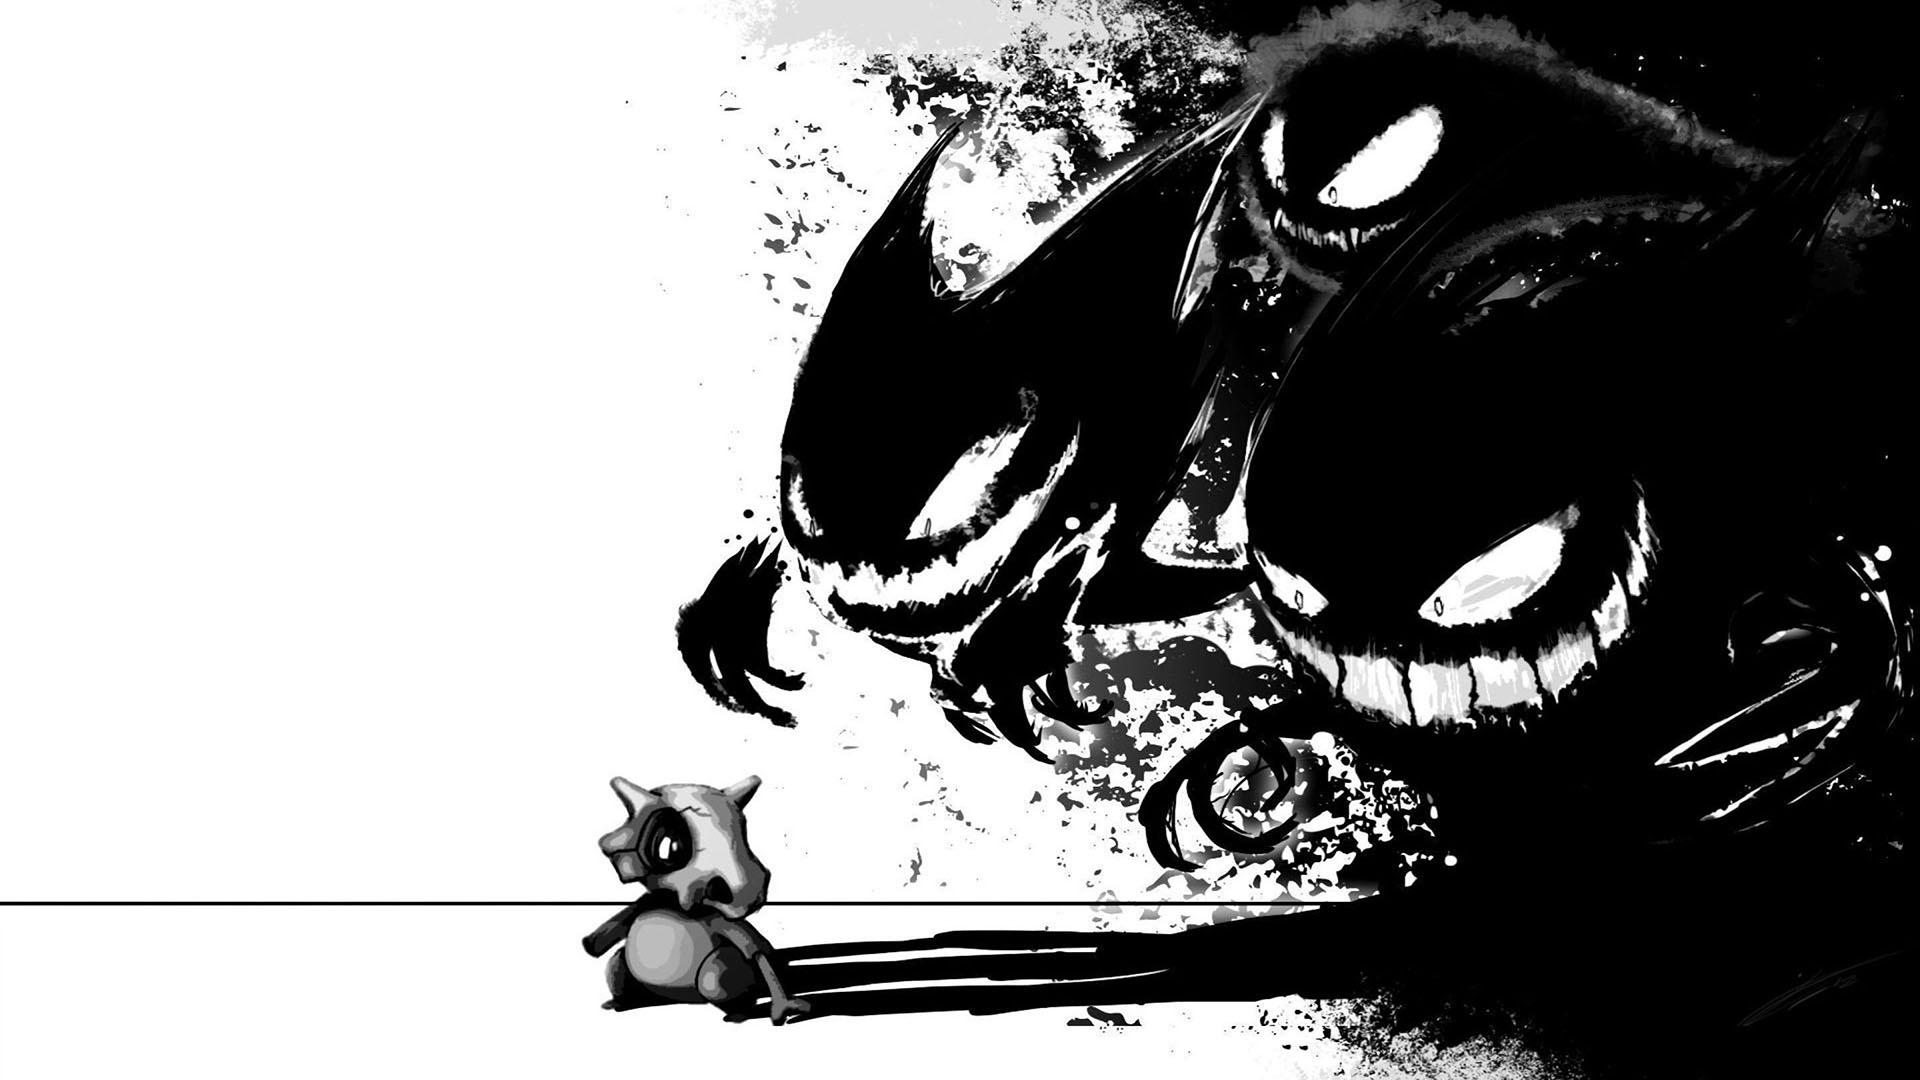 Ảnh nền pokemon trắng đen